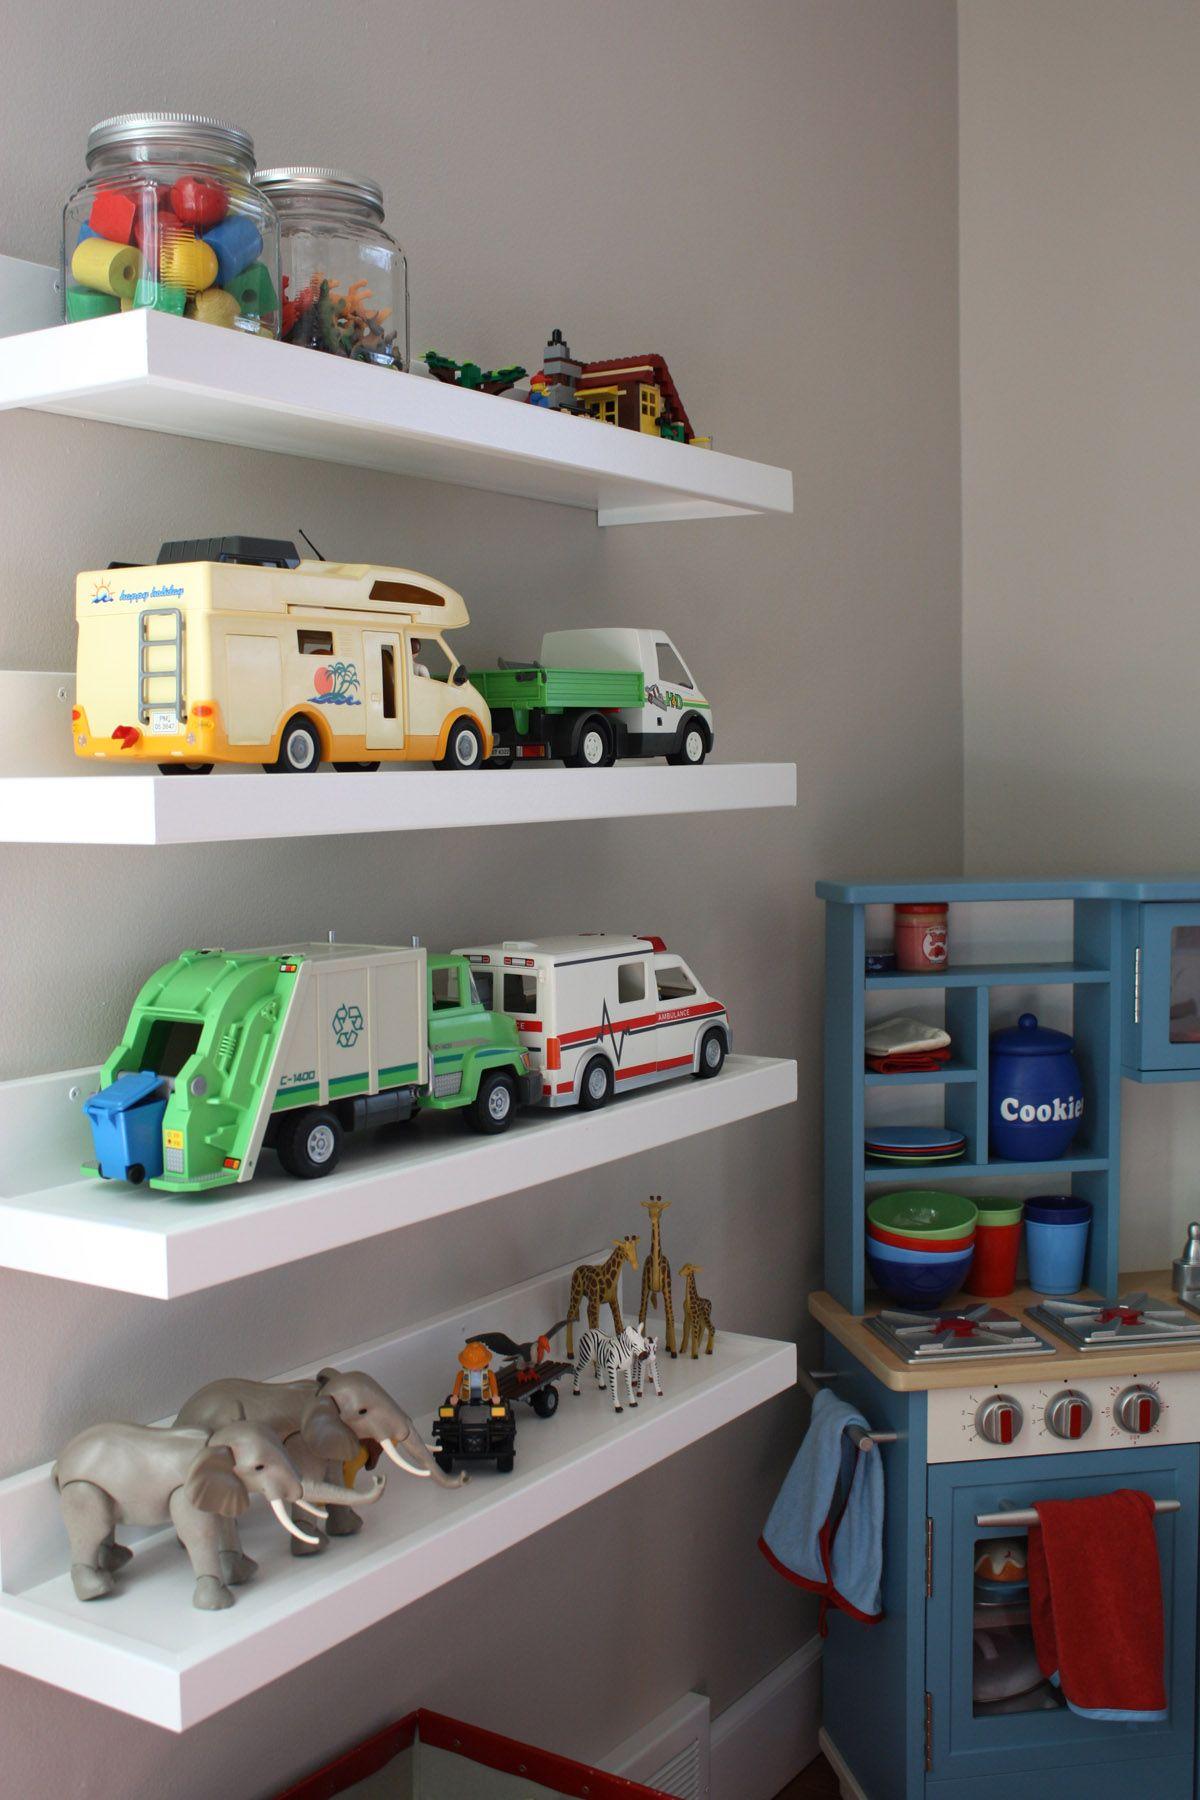 Full Size of Kinderzimmer Aufbewahrung Regal Aufbewahrungssysteme Ikea Aufbewahrungsboxen Aufbewahrungskorb Blau Aufbewahrungsregal Rosa Ideen Mint Lidl Spielzeug Gross Kinderzimmer Kinderzimmer Aufbewahrung